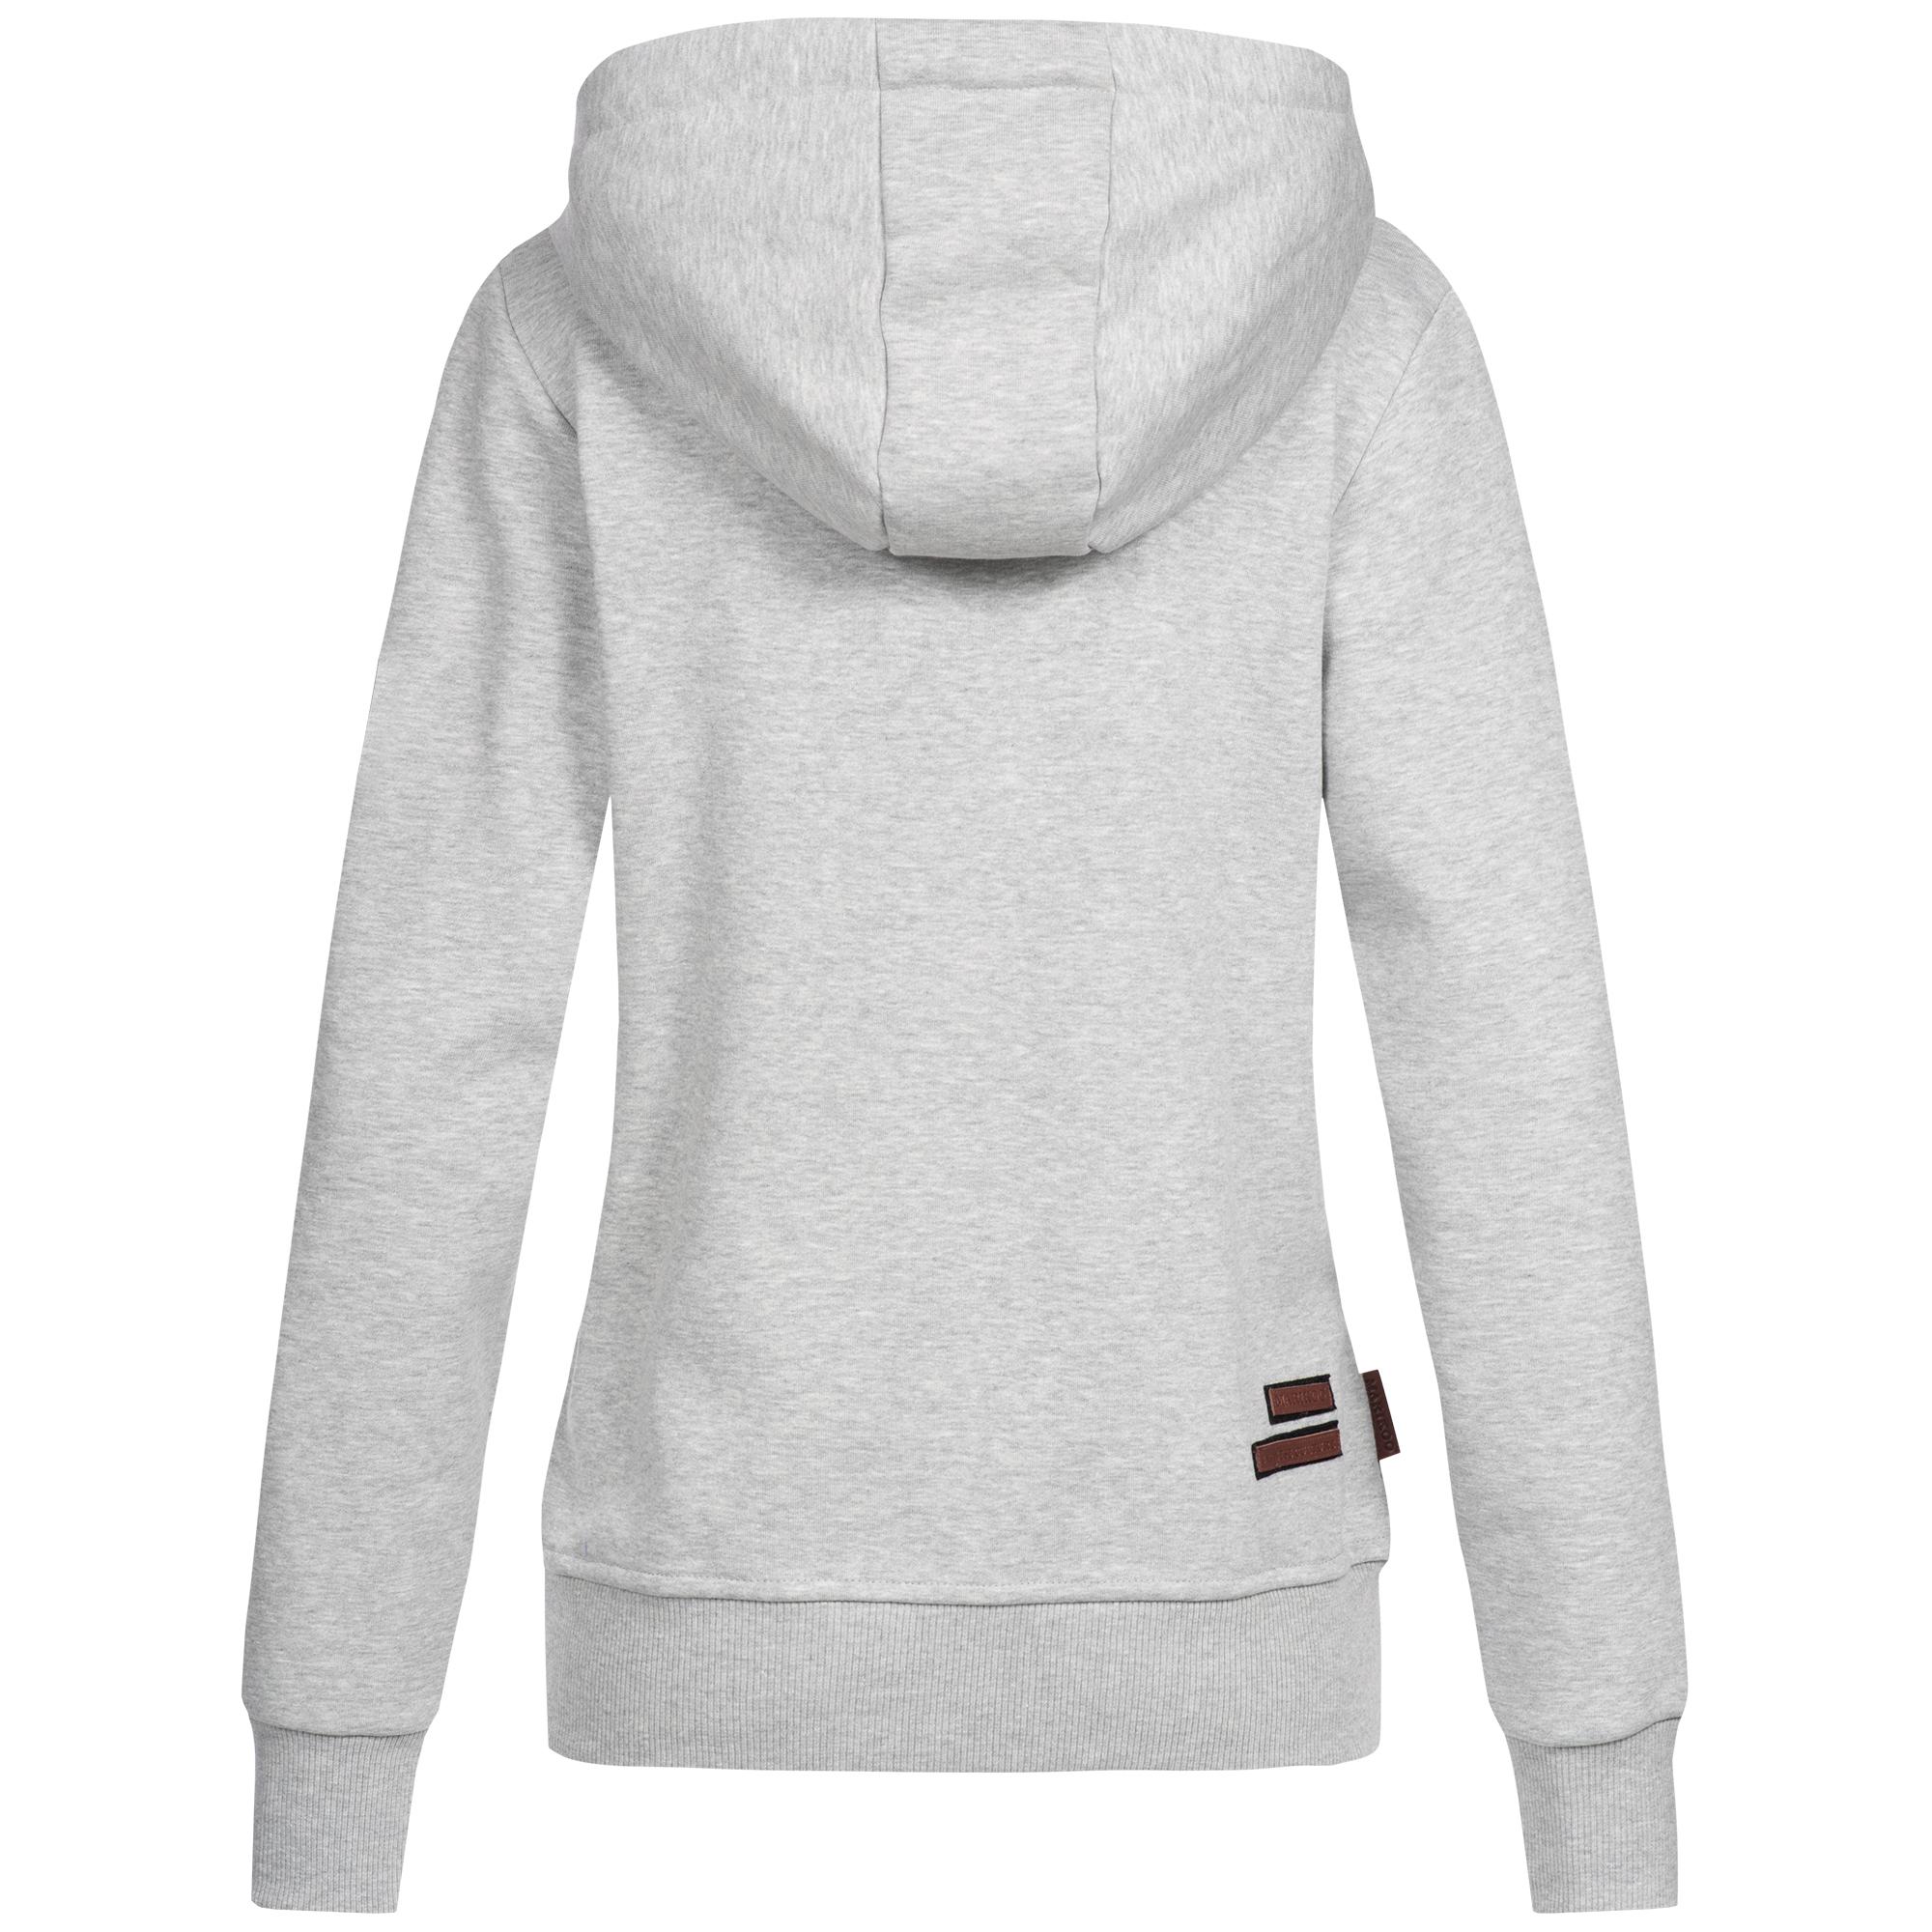 lowest price 55de3 4cc8b Marikoo Damen Hoodie Sweatjacke Strickjacke Pullover Sweater Pulli Kapuze  Tamik XS-XL 5-Farben